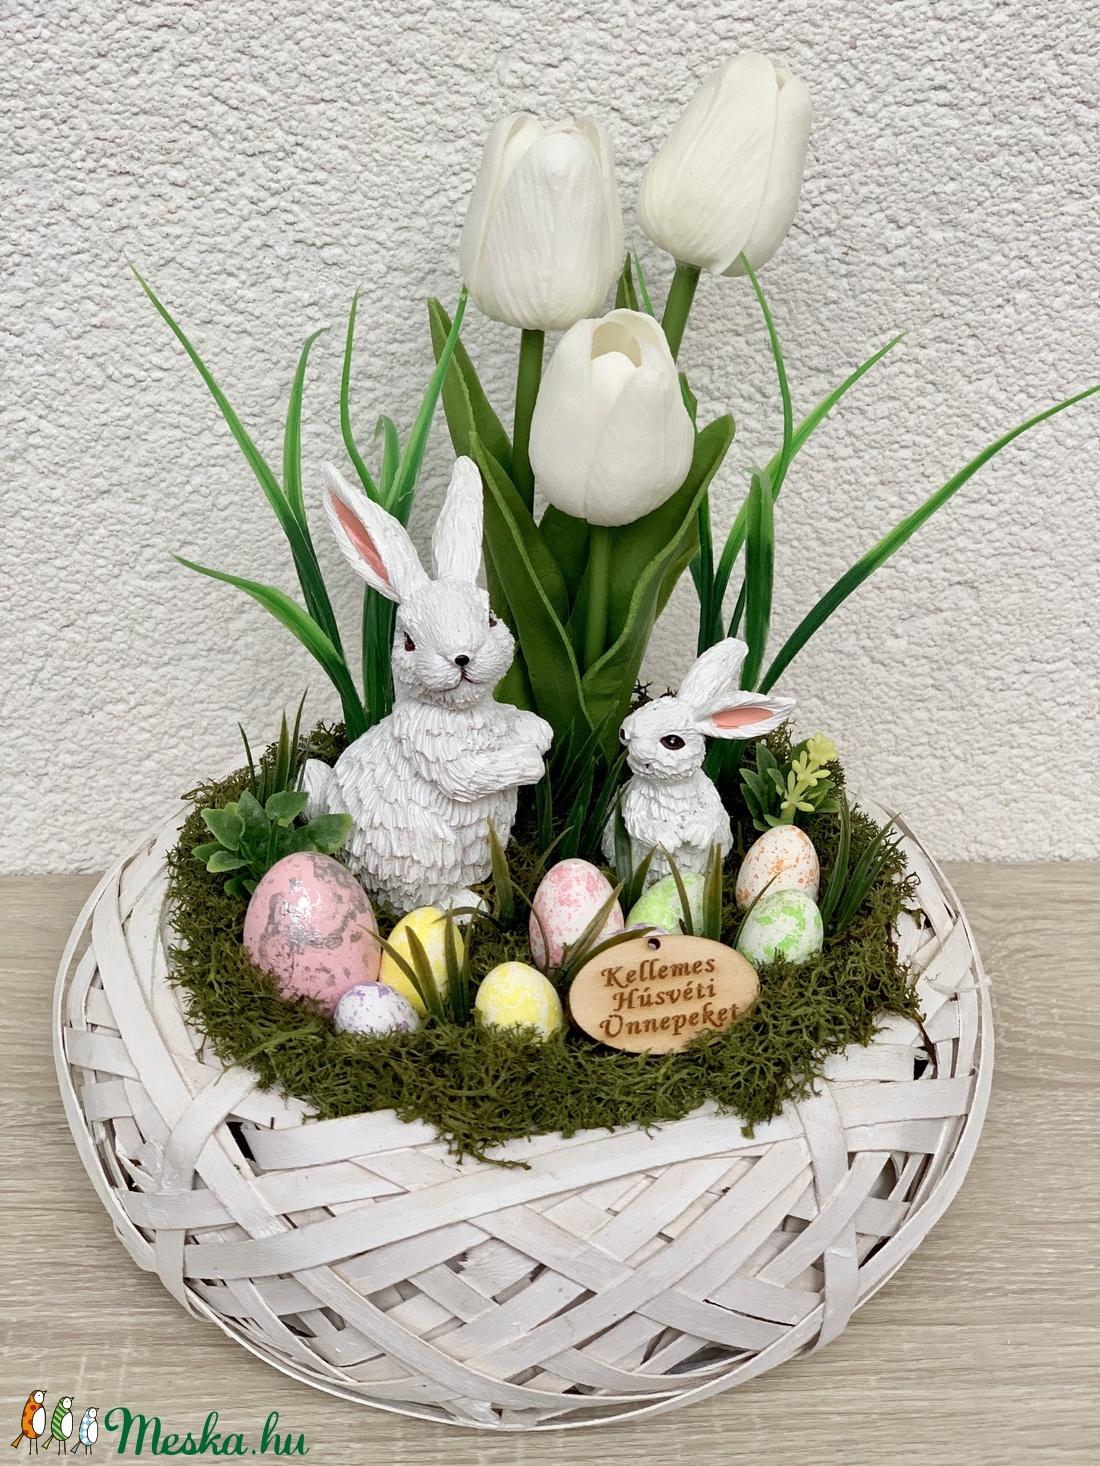 Nyúlanyó, kicsinye és az élethű tulipánokkal - asztaldísz, dekoráció (AKezmuvescsodak) - Meska.hu